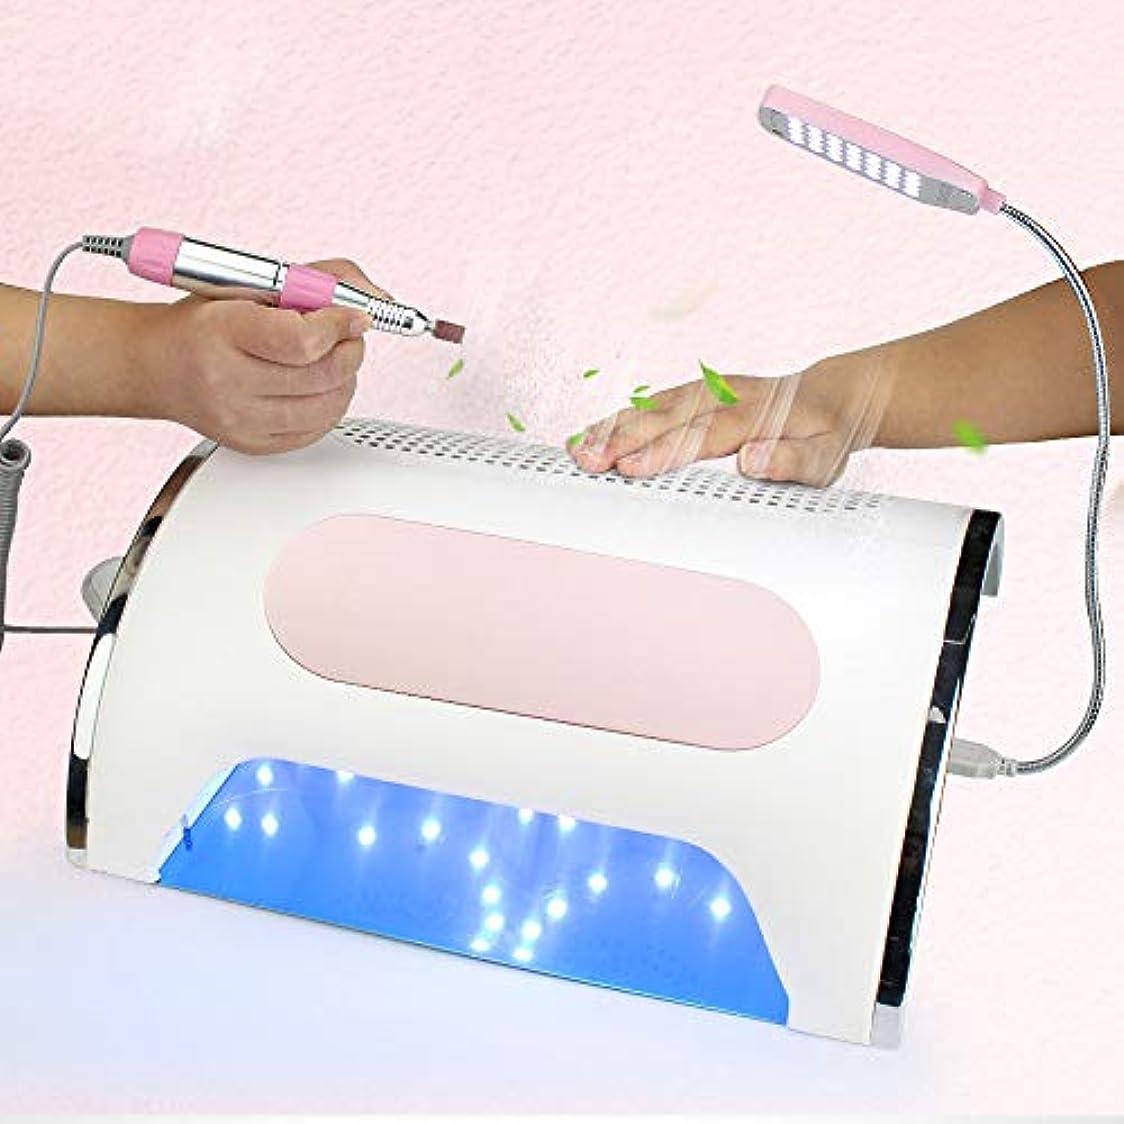 まだ練習花火72 W 3 in 1多機能マニキュアアートツール、ネイルドライヤー、電動ネイルドリルマシン、LED照明機能付きジェルポーランドサロン家庭用,Pink